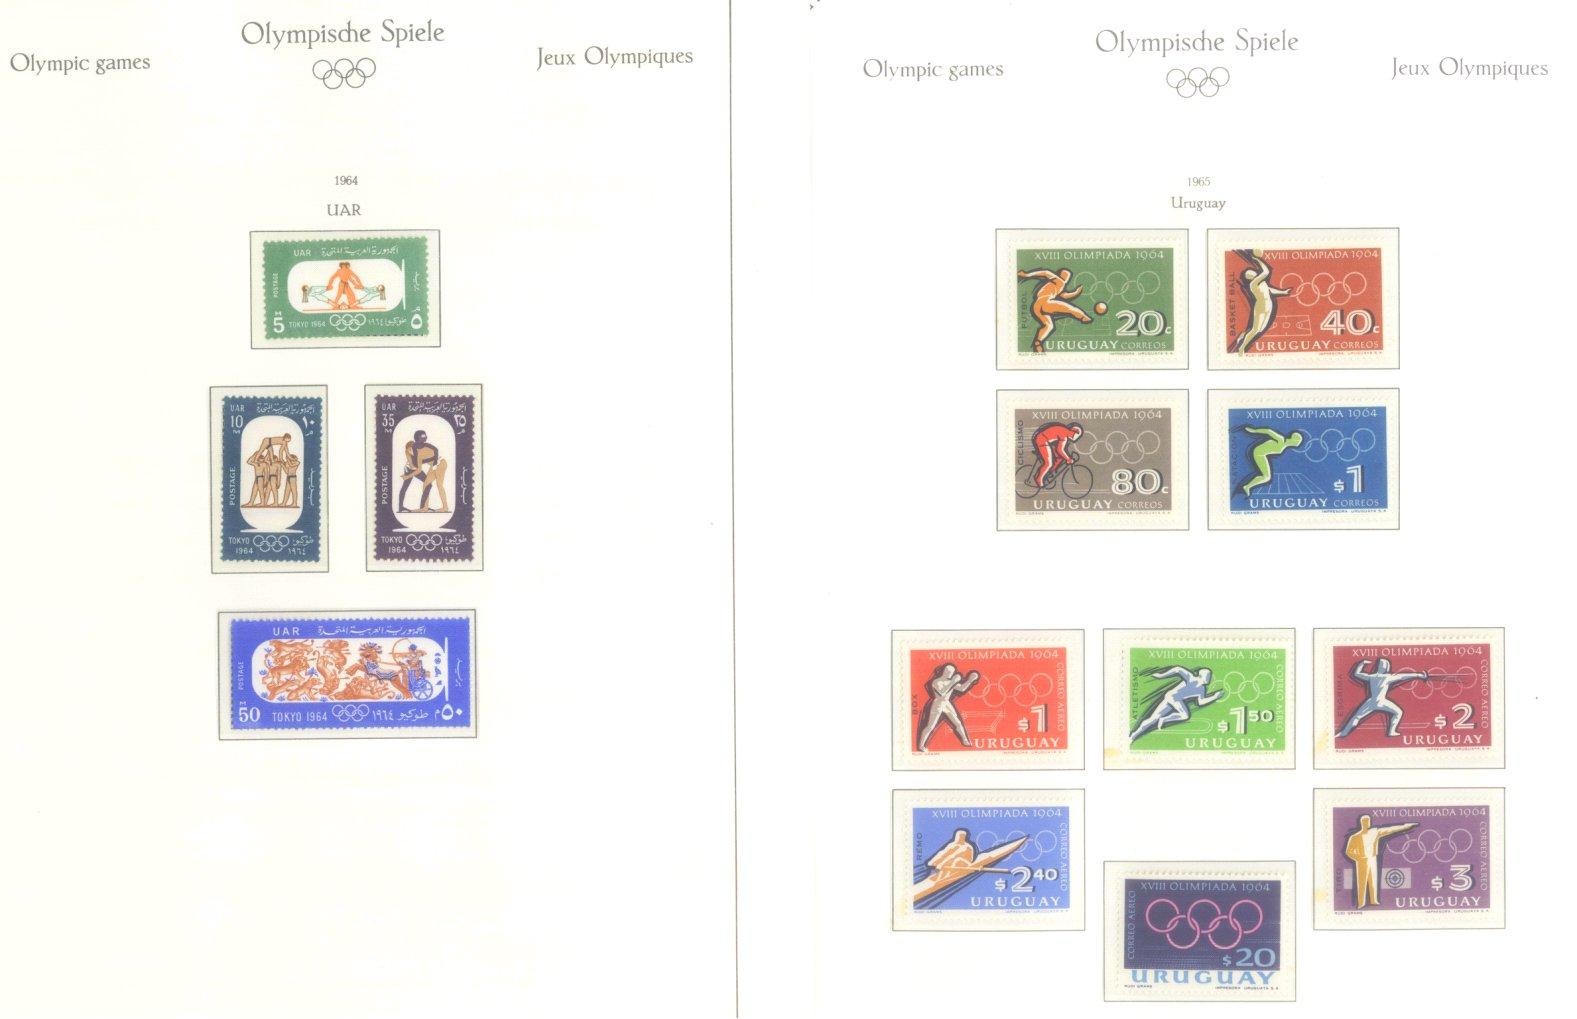 OLYMPISCHE SPIELE 1964 TOKIO, postfrische Sammlung Teil 2-56